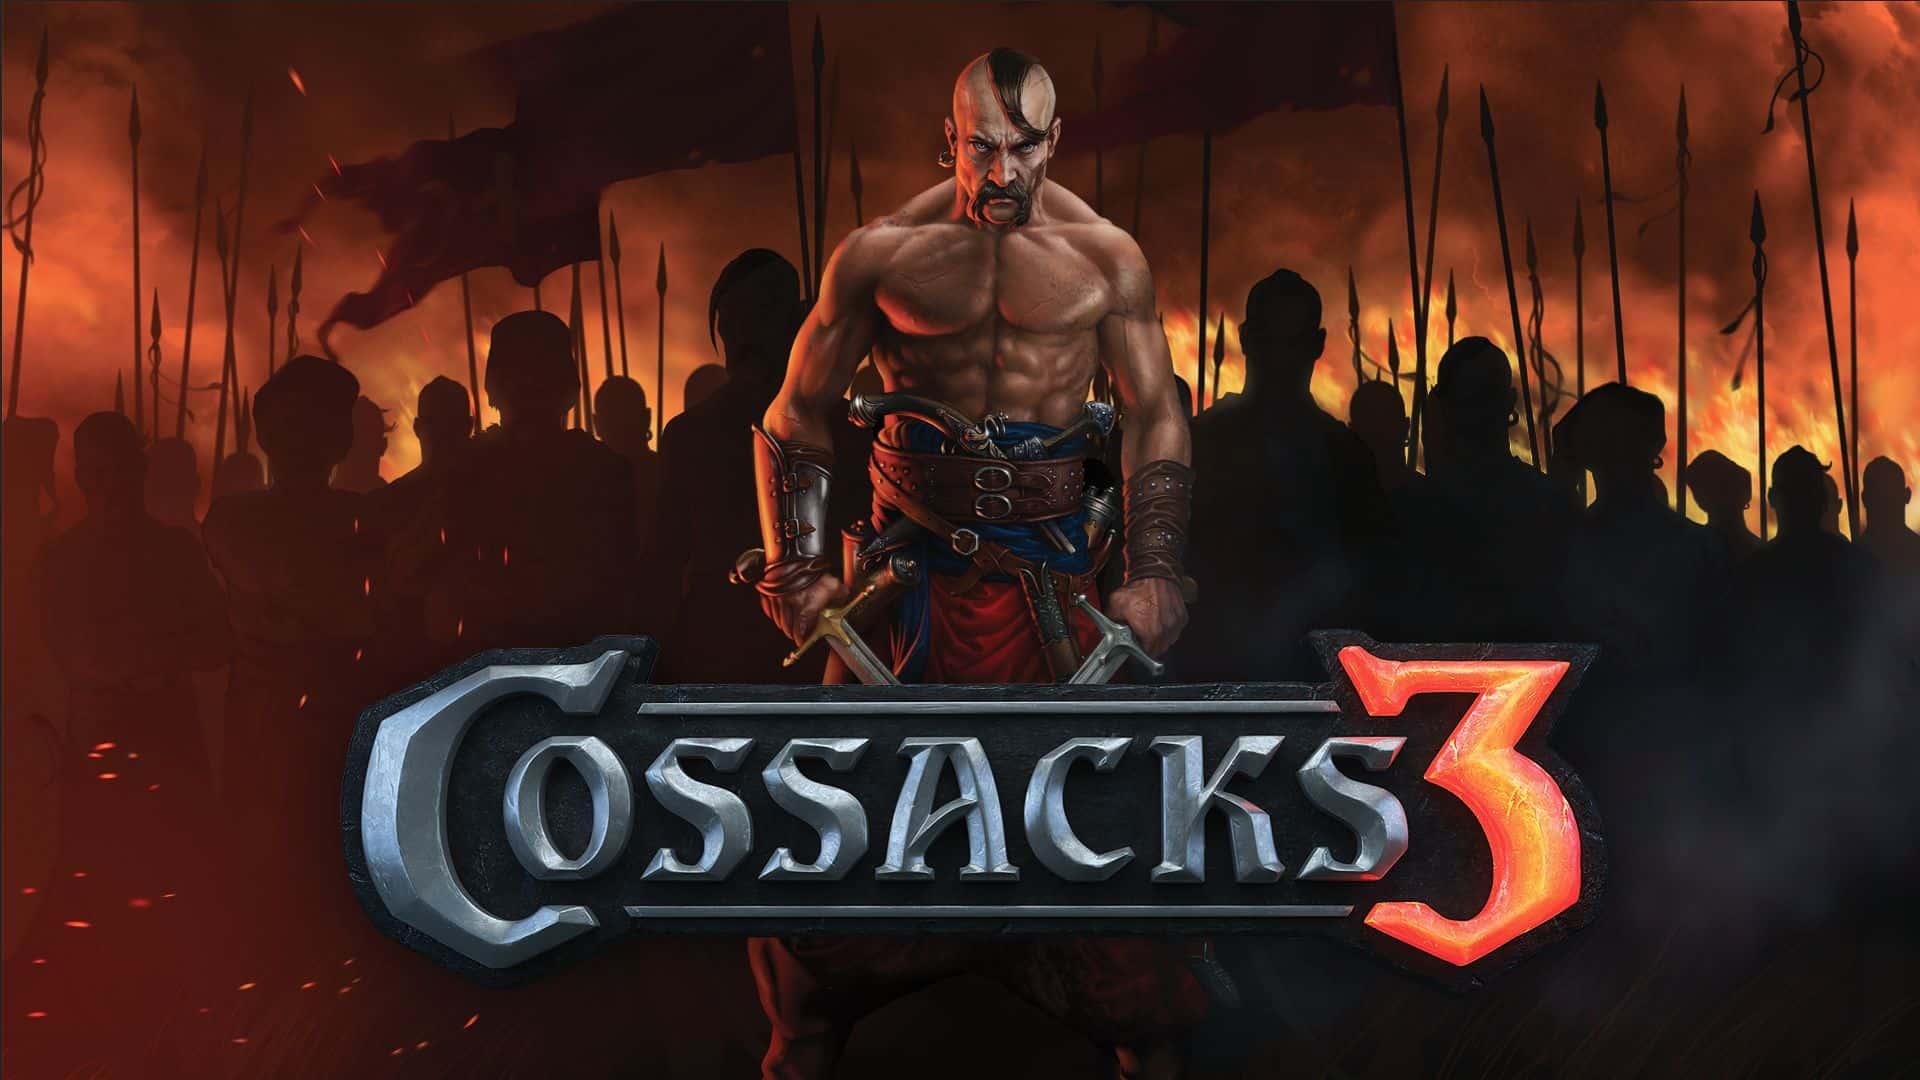 Cossacks 3 telecharger gratuit de PC et Torrent